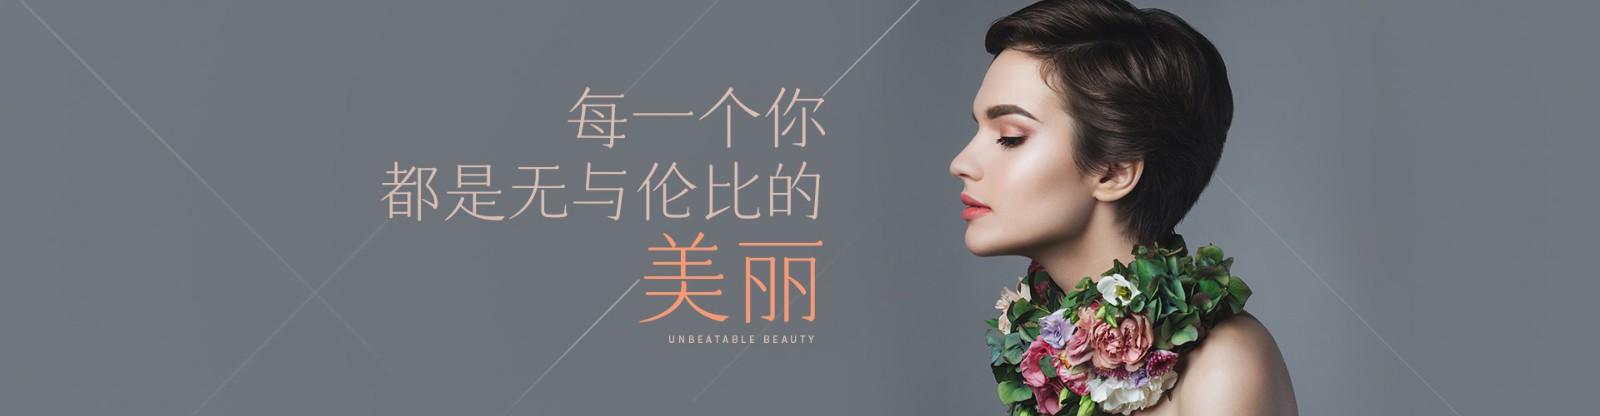 郑州黄茹化妆学校 横幅广告